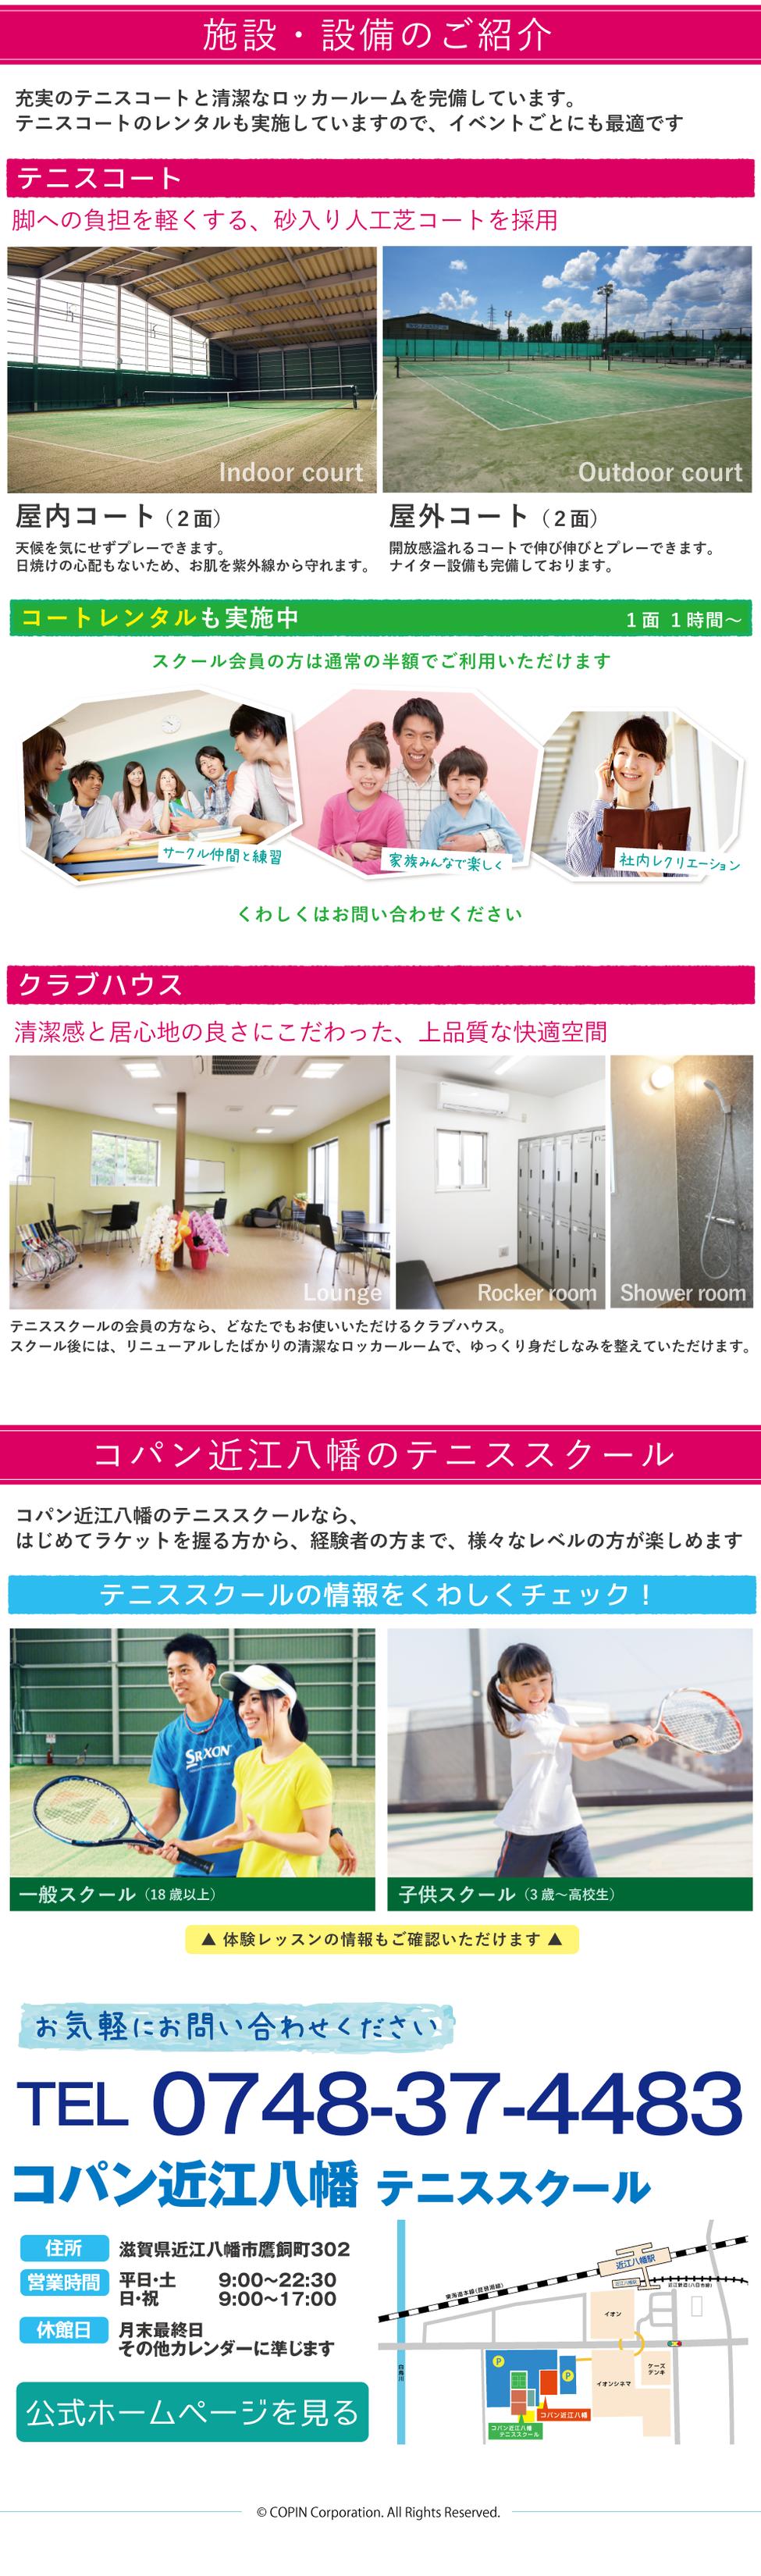 【2020.11】ランディングページ(テニス)トップページ.png